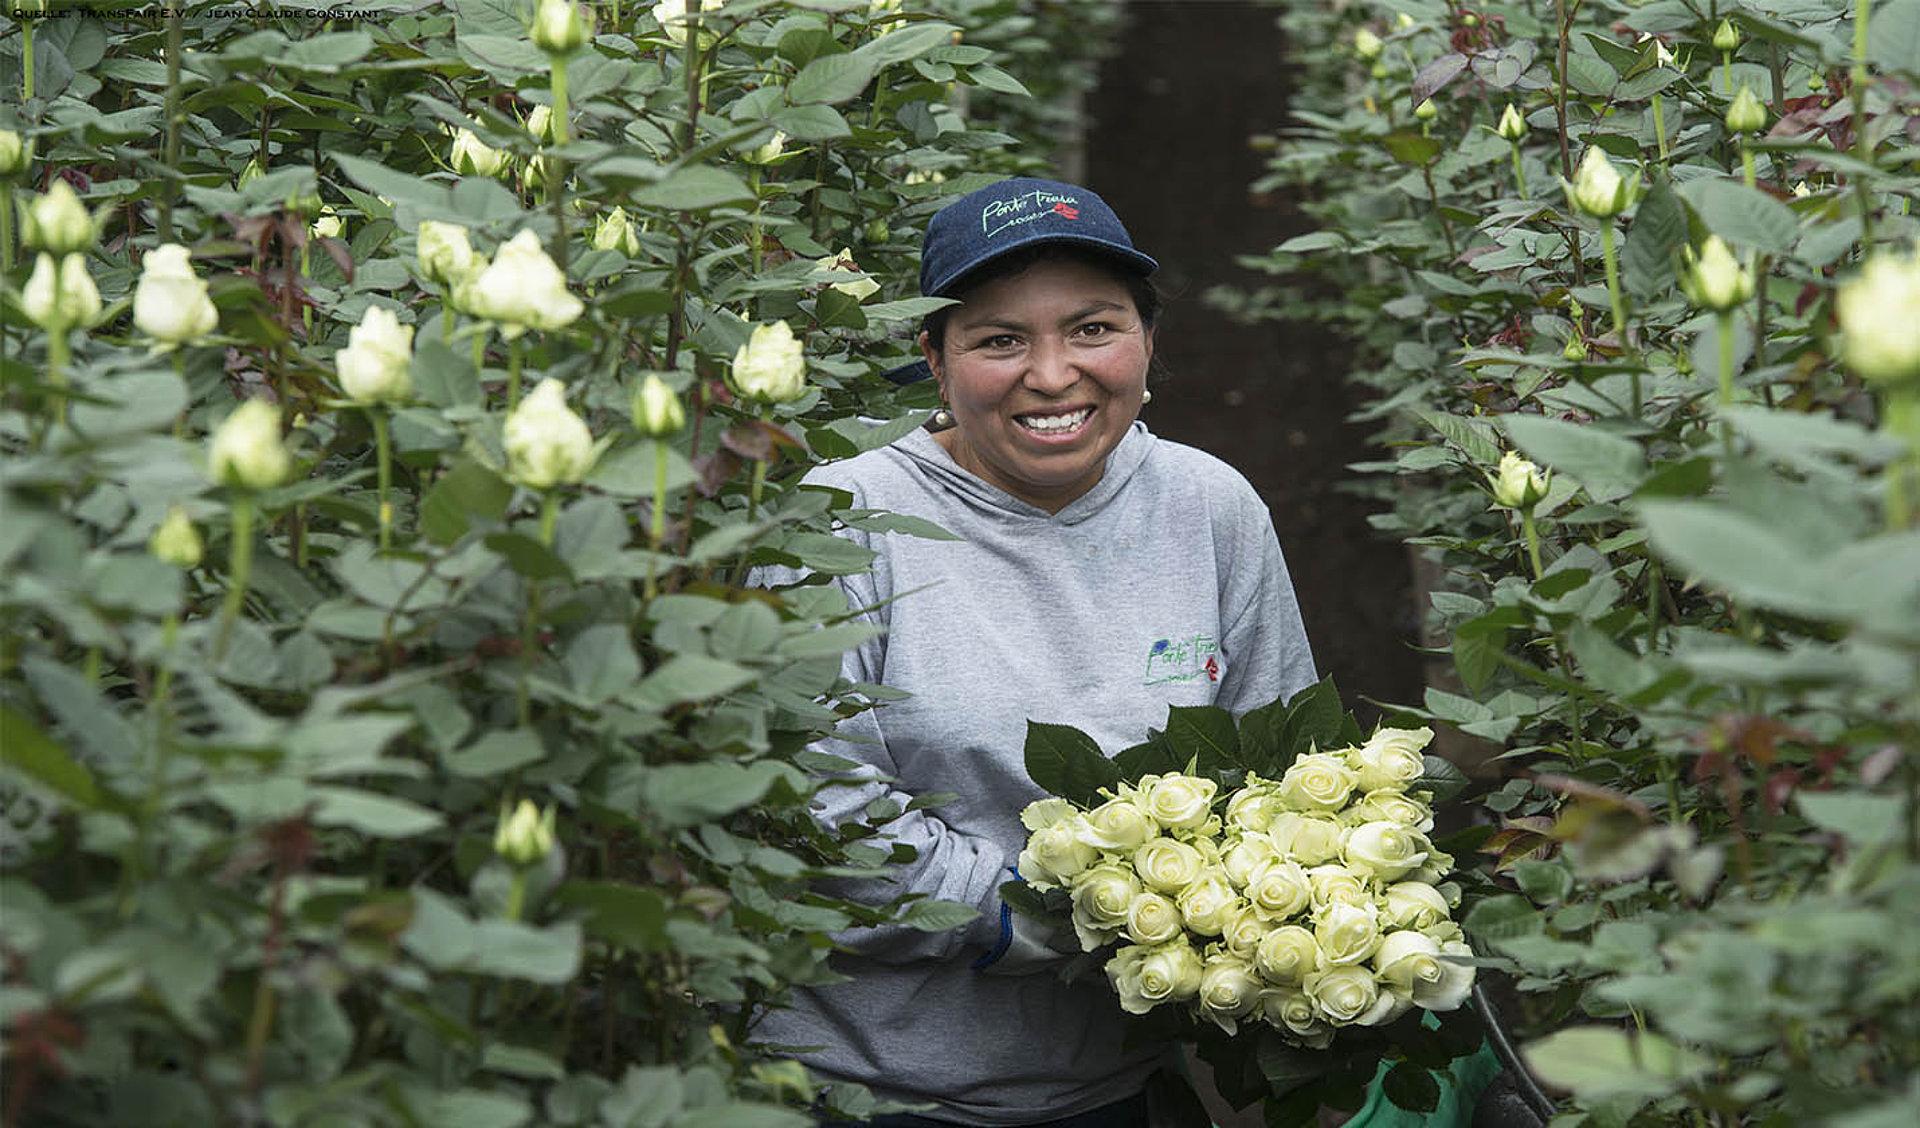 Frau beim Blumenpflücken